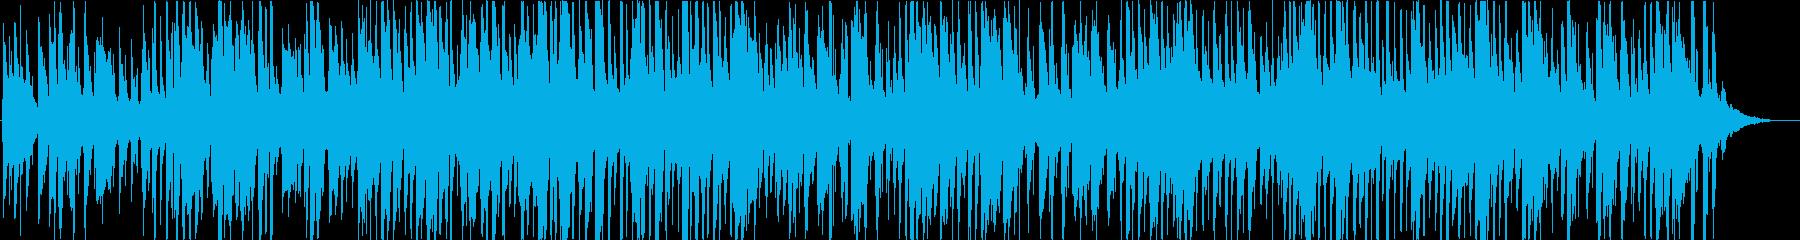 怪しいジャズの再生済みの波形